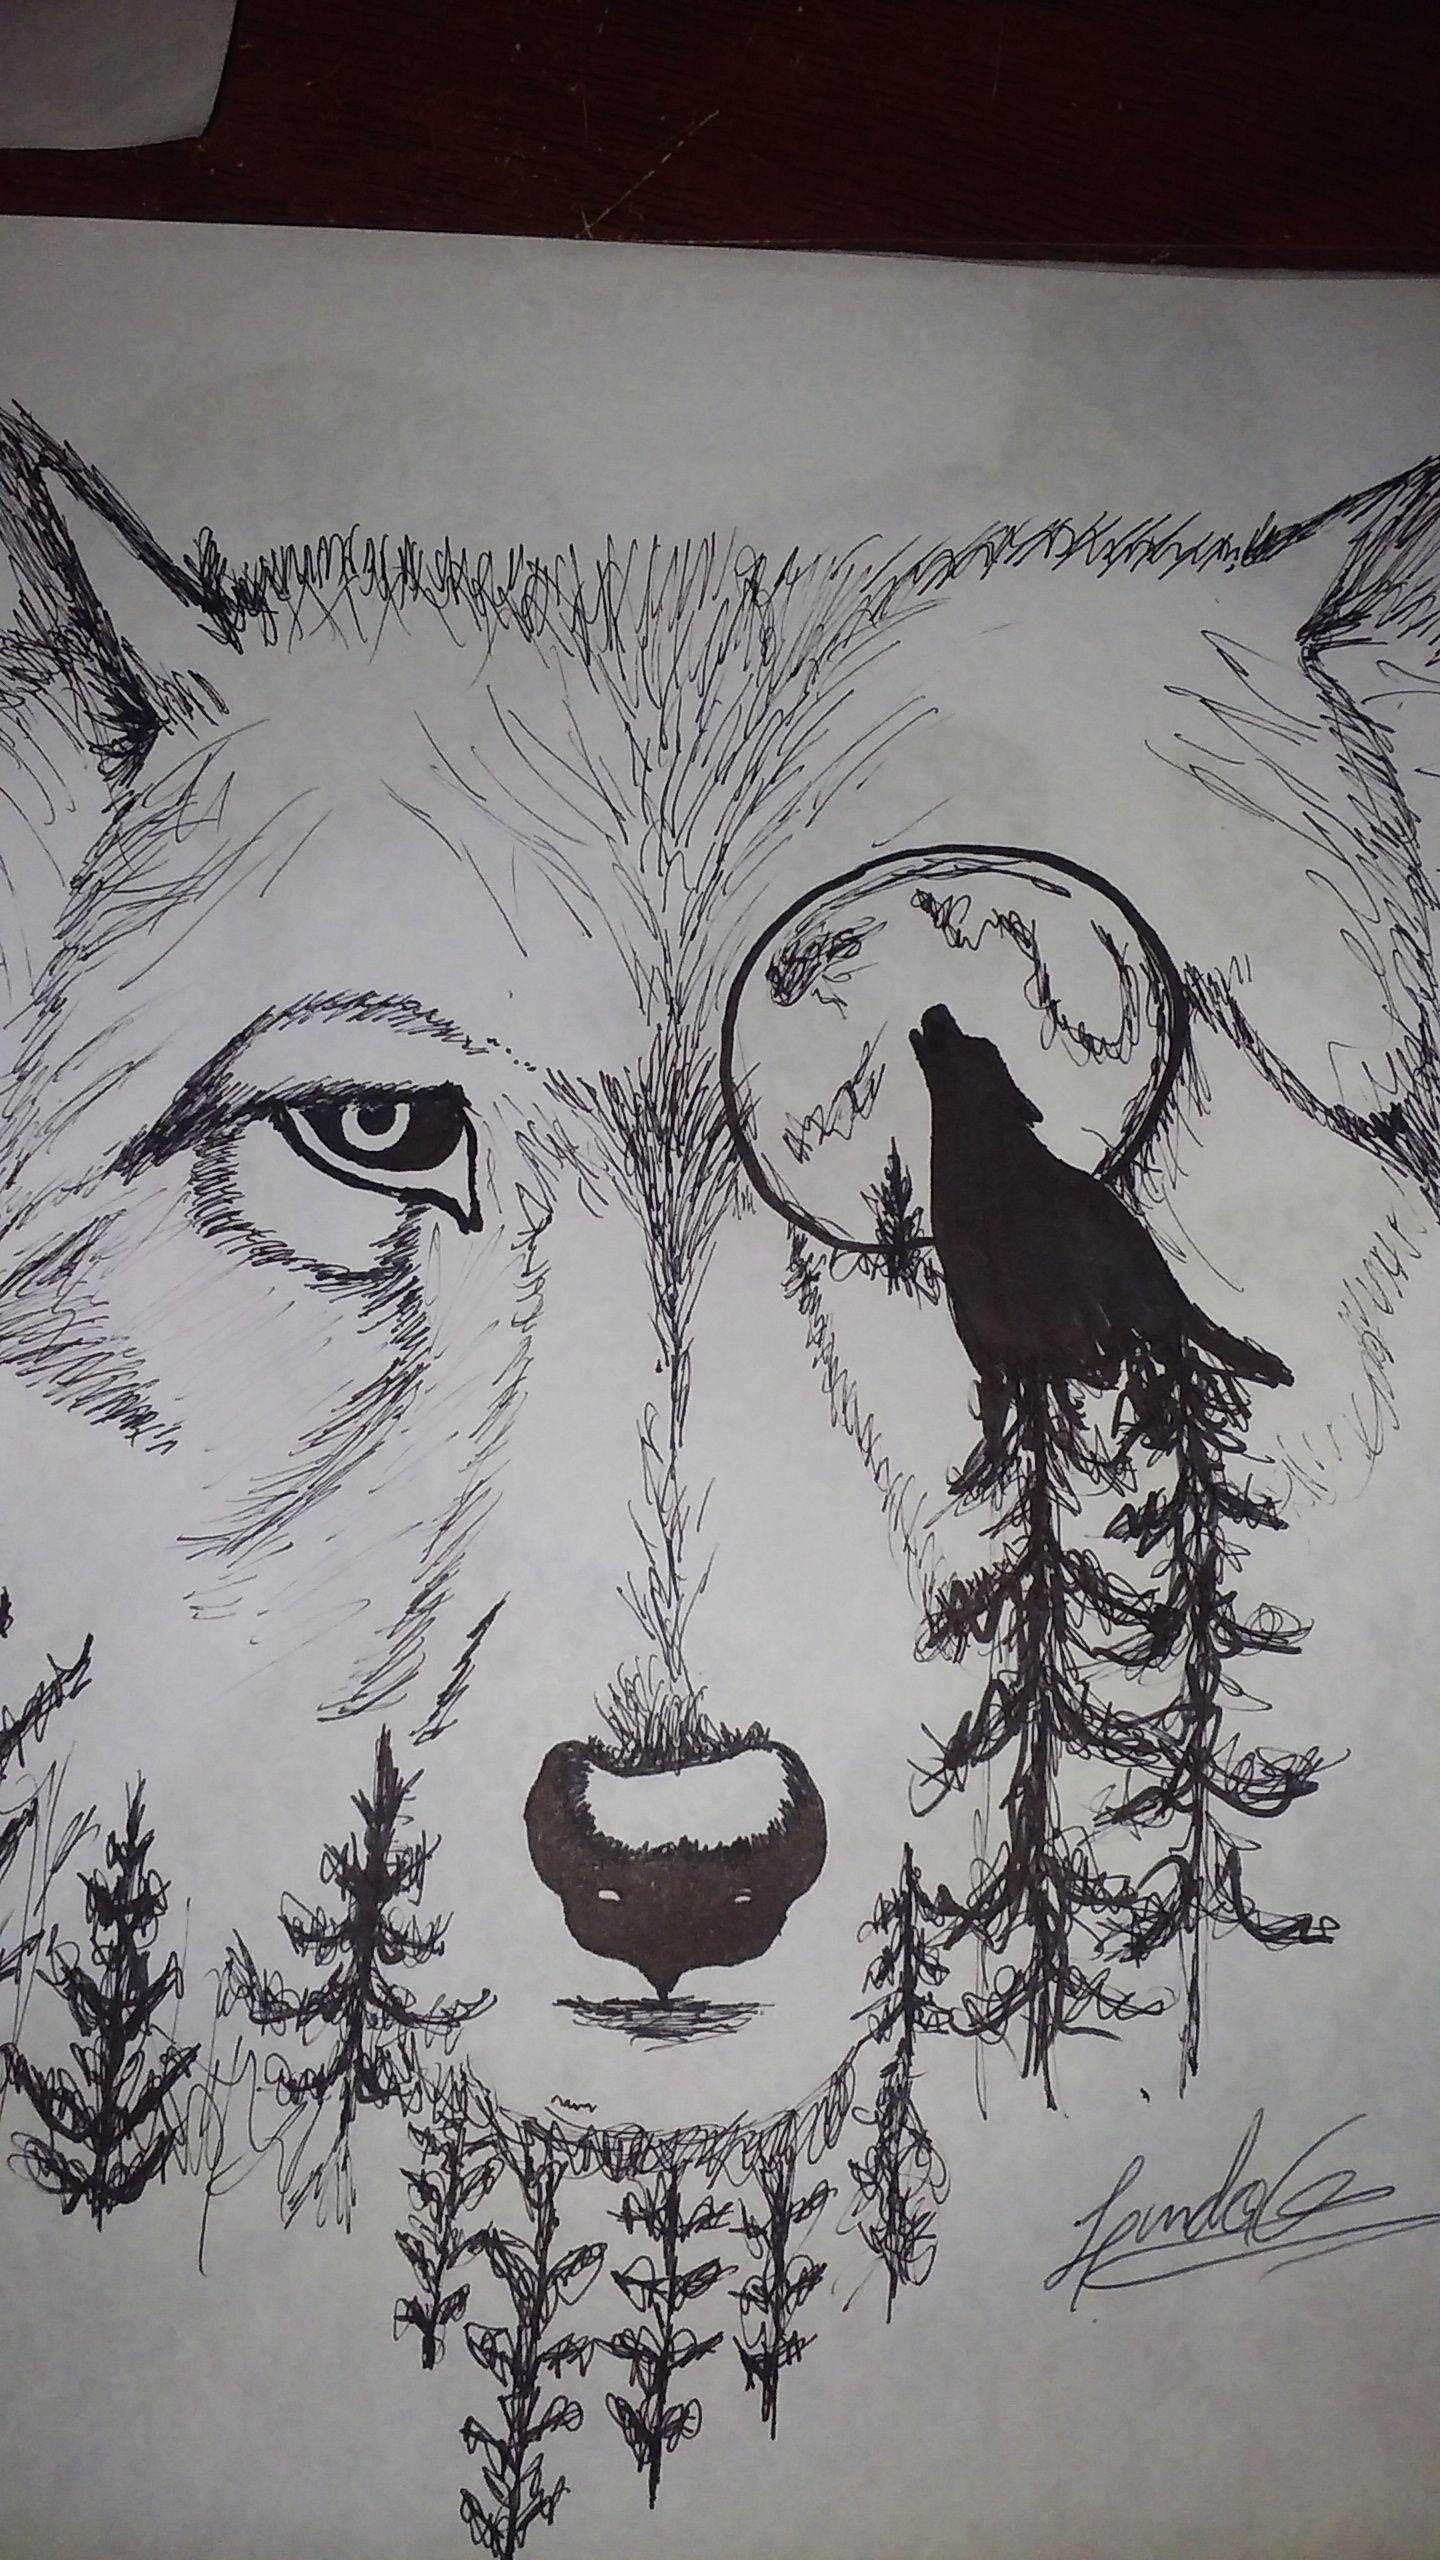 Lobo Animale Bosque Lapiz Blancoynegro Dibujos Tumblr Dibujos Tipos De Dibujo